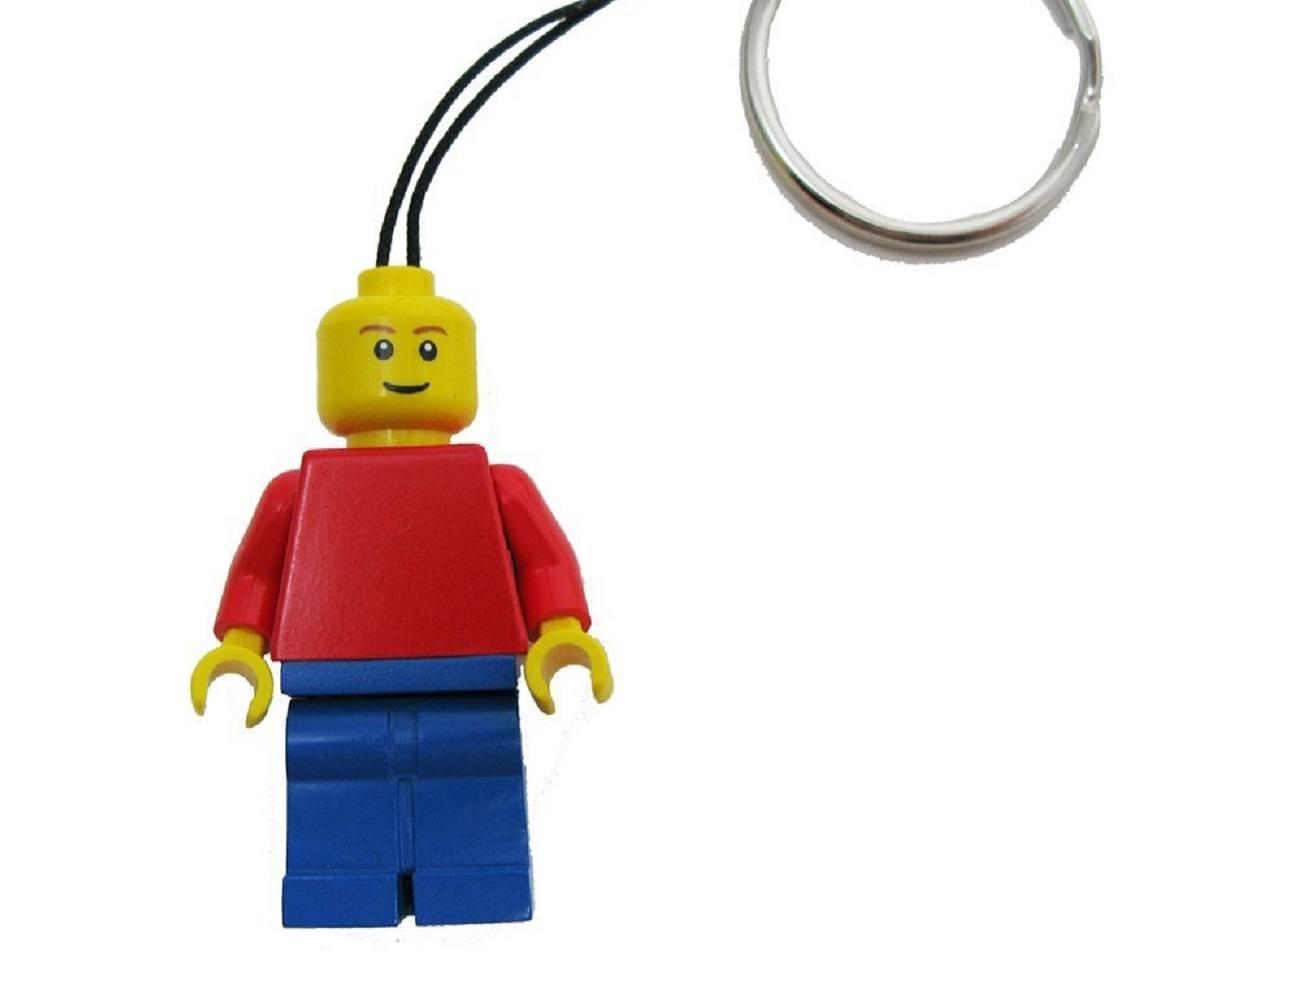 Lego Minifigure USB